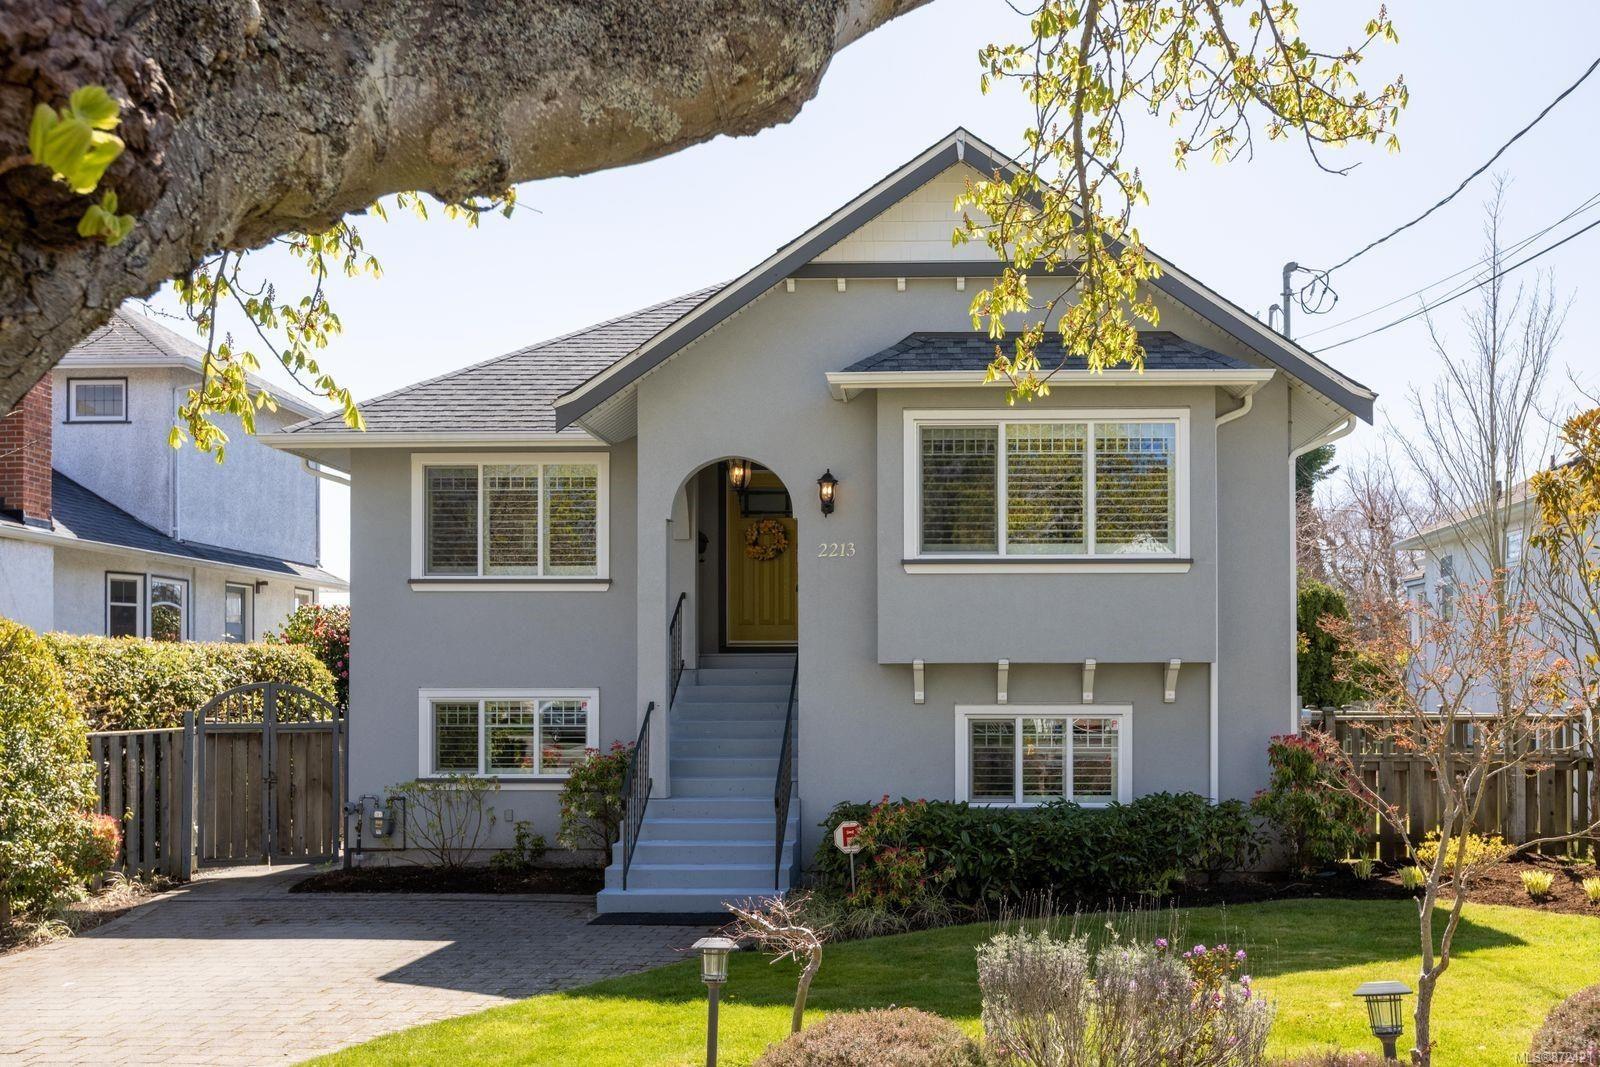 Main Photo: 2213 Windsor Rd in : OB South Oak Bay House for sale (Oak Bay)  : MLS®# 872421